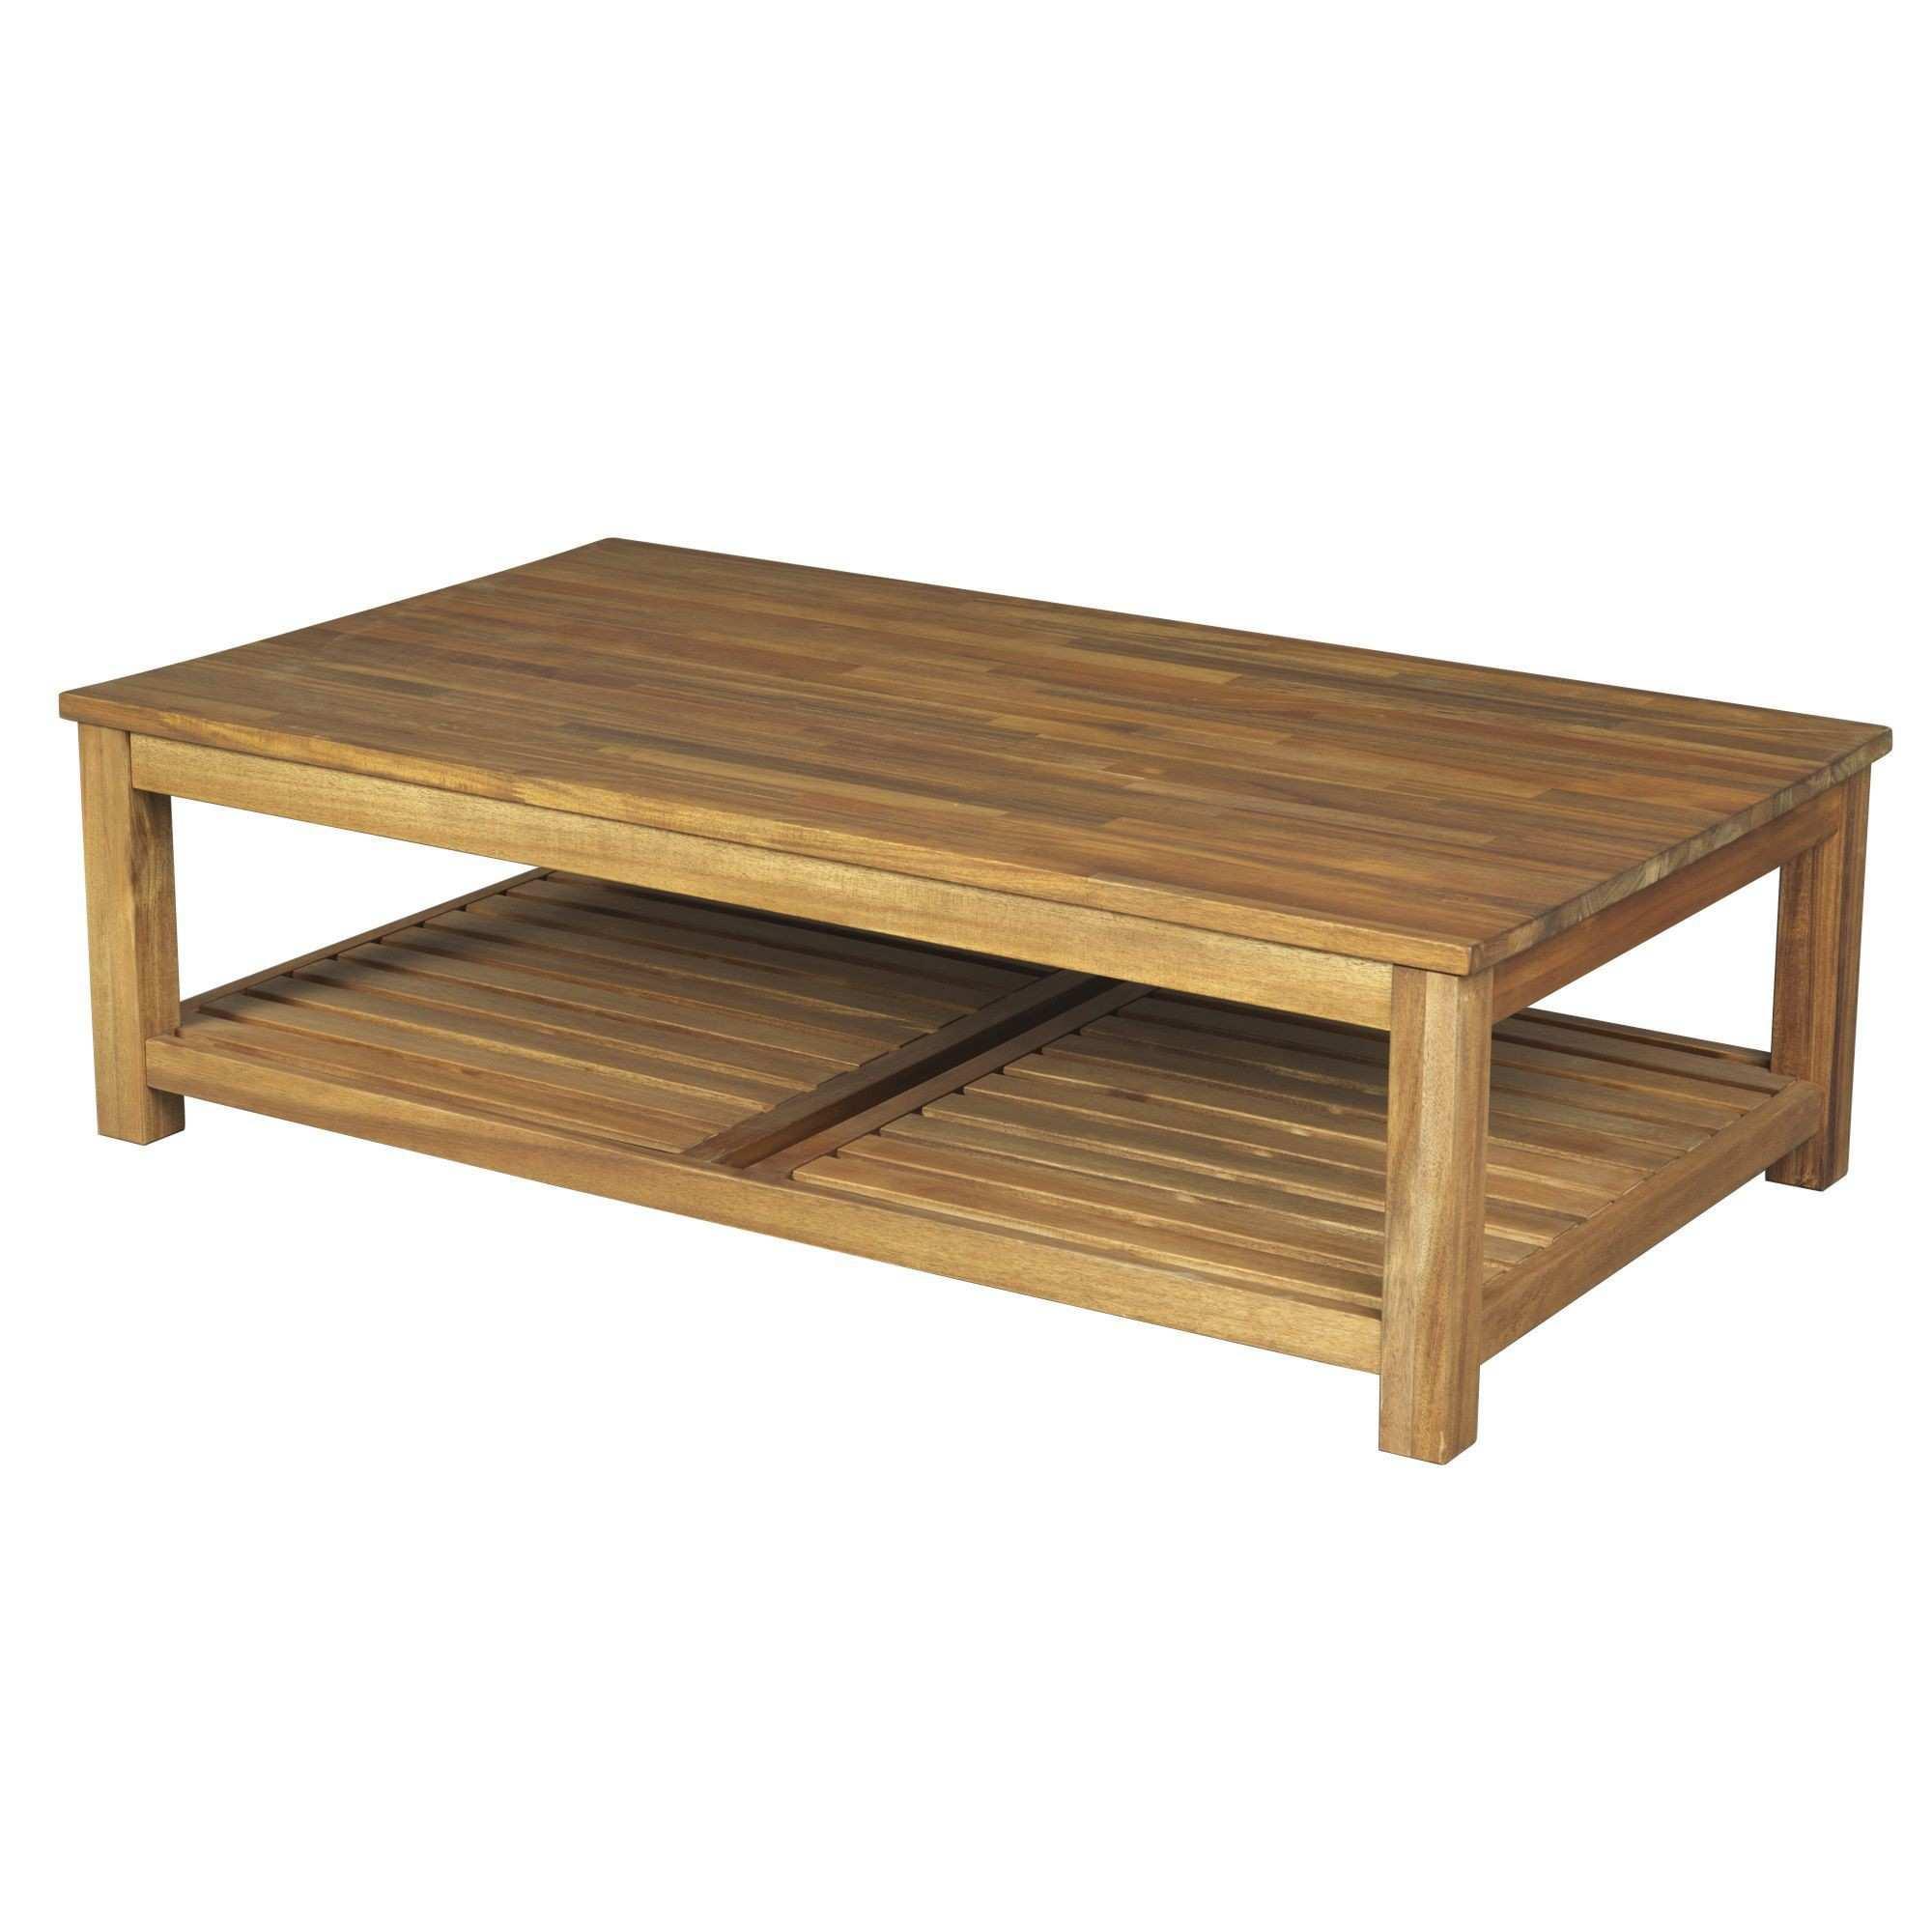 Table Basse Alinea Bois.Table Basse Rangement Alinea Idee De Maison Et Deco